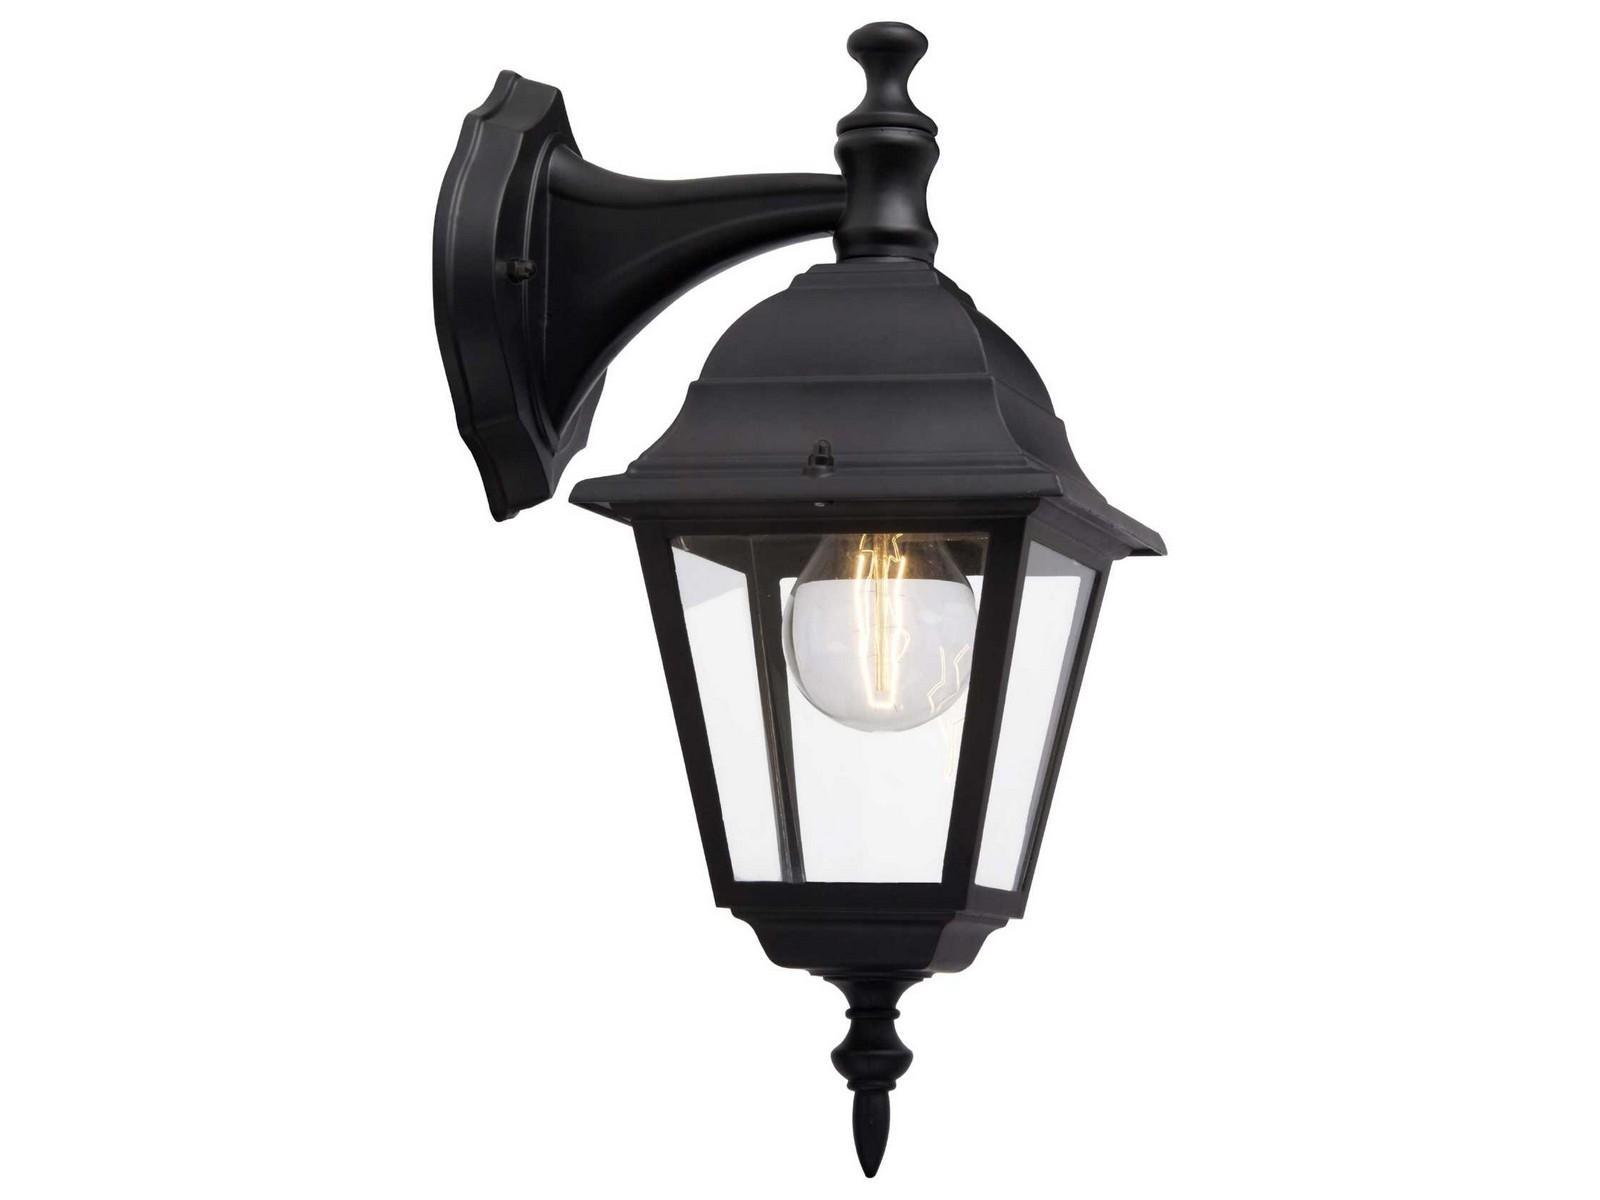 Светильник настенный свисающий NewportУличные настенные светильники<br>Вид цоколя: E27&amp;amp;nbsp;&amp;lt;div&amp;gt;Количество ламп: 1&amp;amp;nbsp;&amp;lt;/div&amp;gt;&amp;lt;div&amp;gt;Наличие ламп: отсутствуют&amp;amp;nbsp;&amp;lt;/div&amp;gt;&amp;lt;div&amp;gt;Мощность лампы: 60W&amp;lt;/div&amp;gt;<br><br>Material: Стекло<br>Width см: 16<br>Depth см: 22<br>Height см: 34